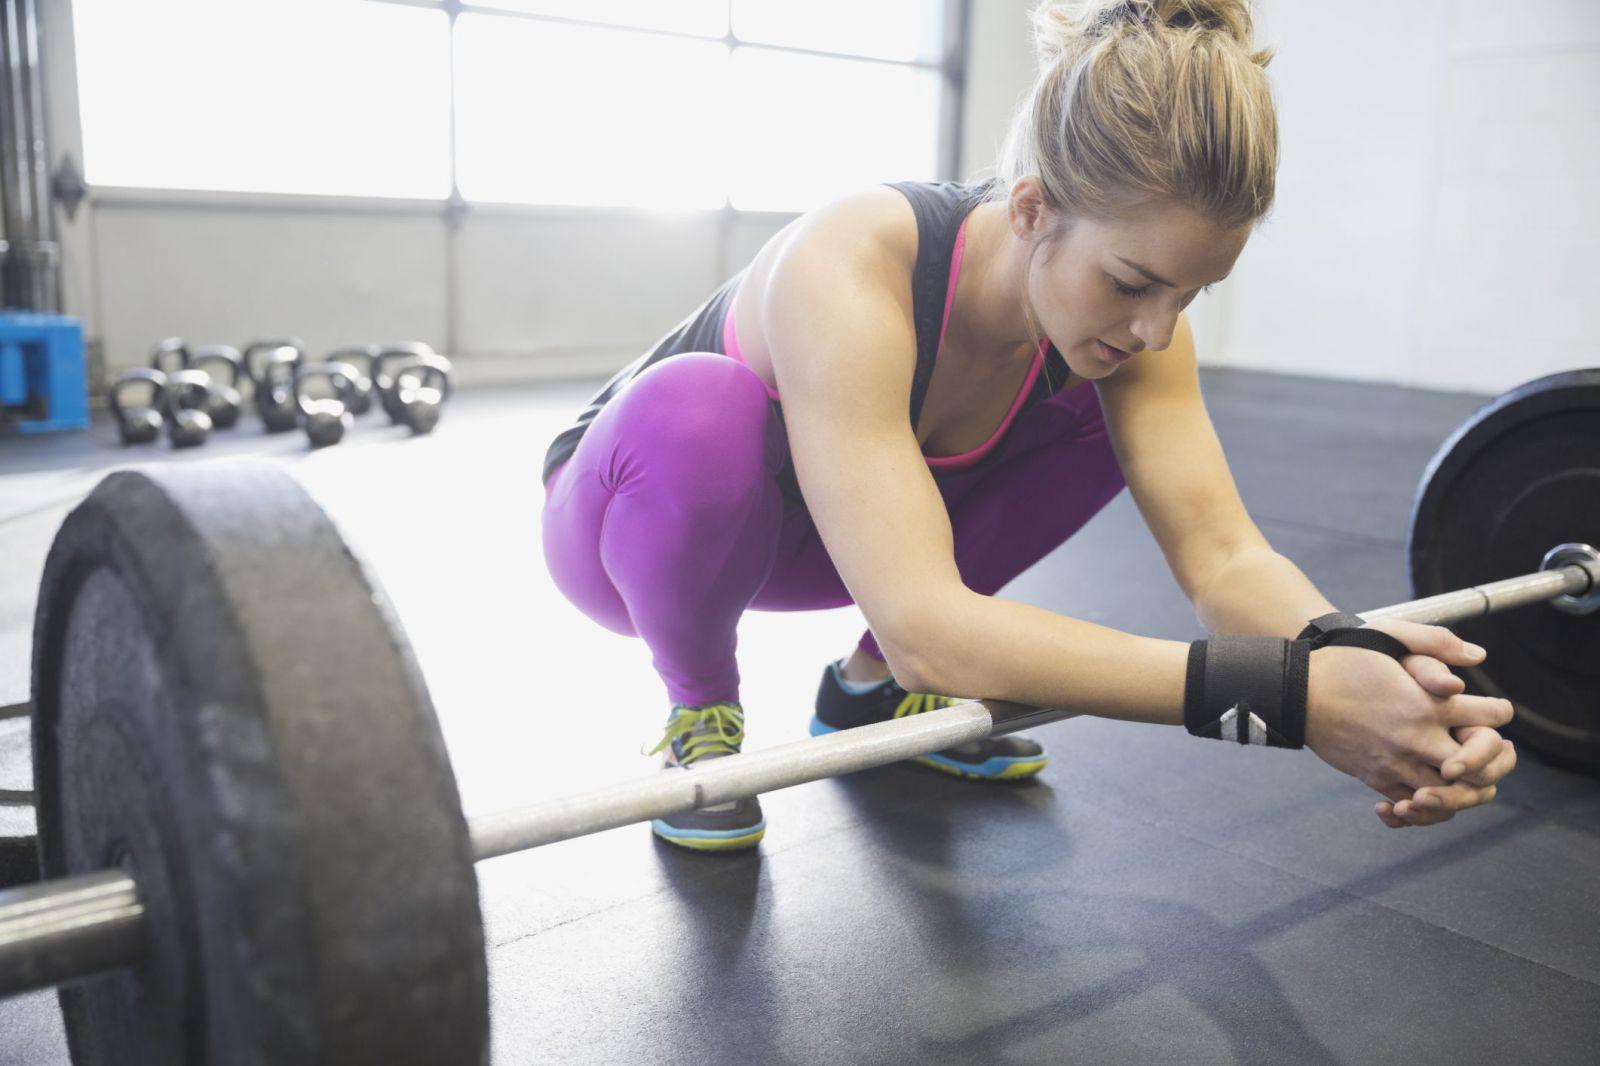 Спортивная девушка присела на корточки облокотившись руками на штангу